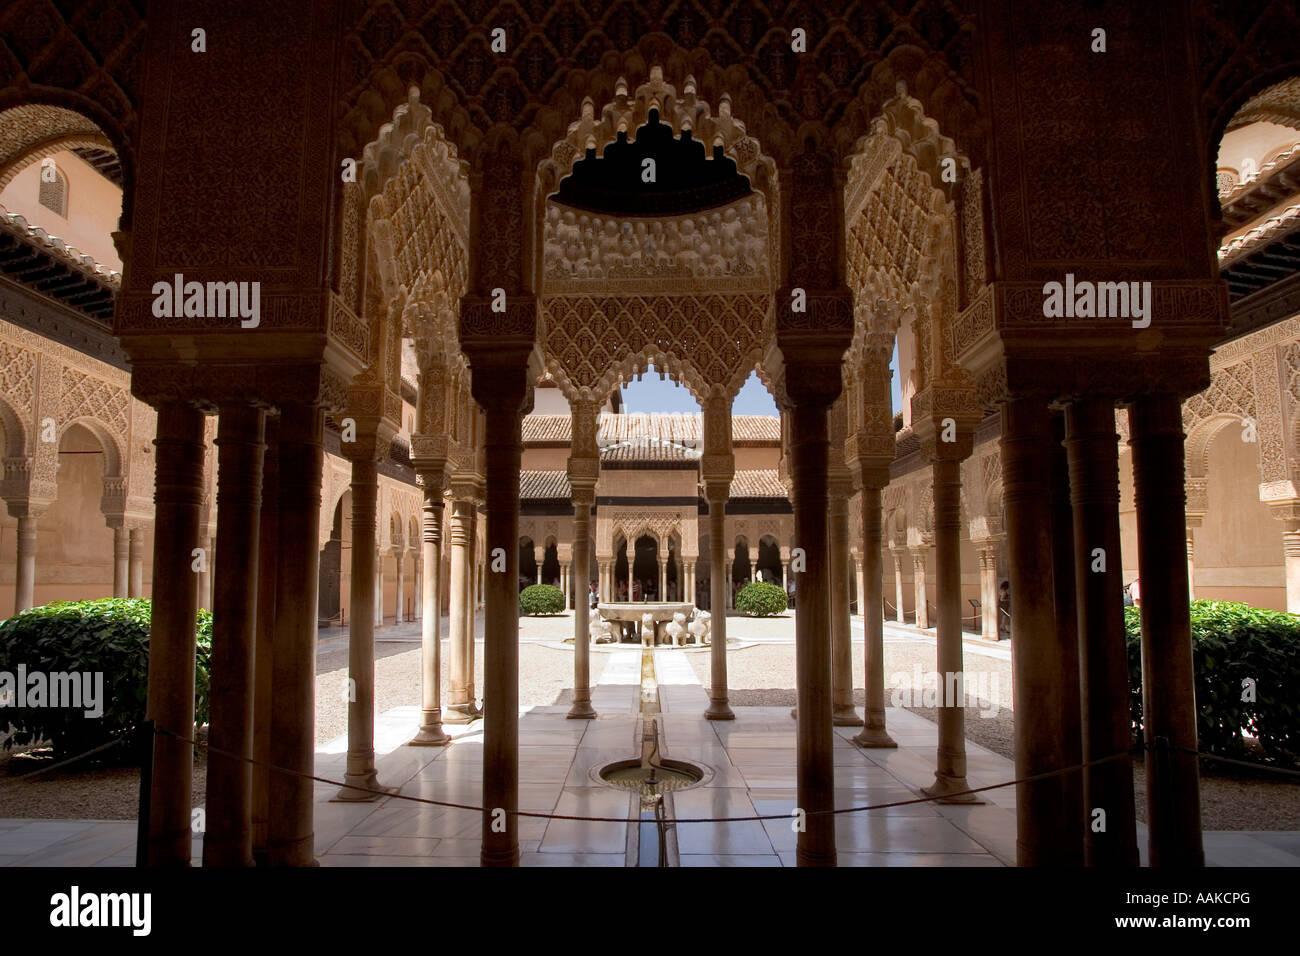 Patio de los leones de la alhambra granada foto imagen - Patios de granada ...